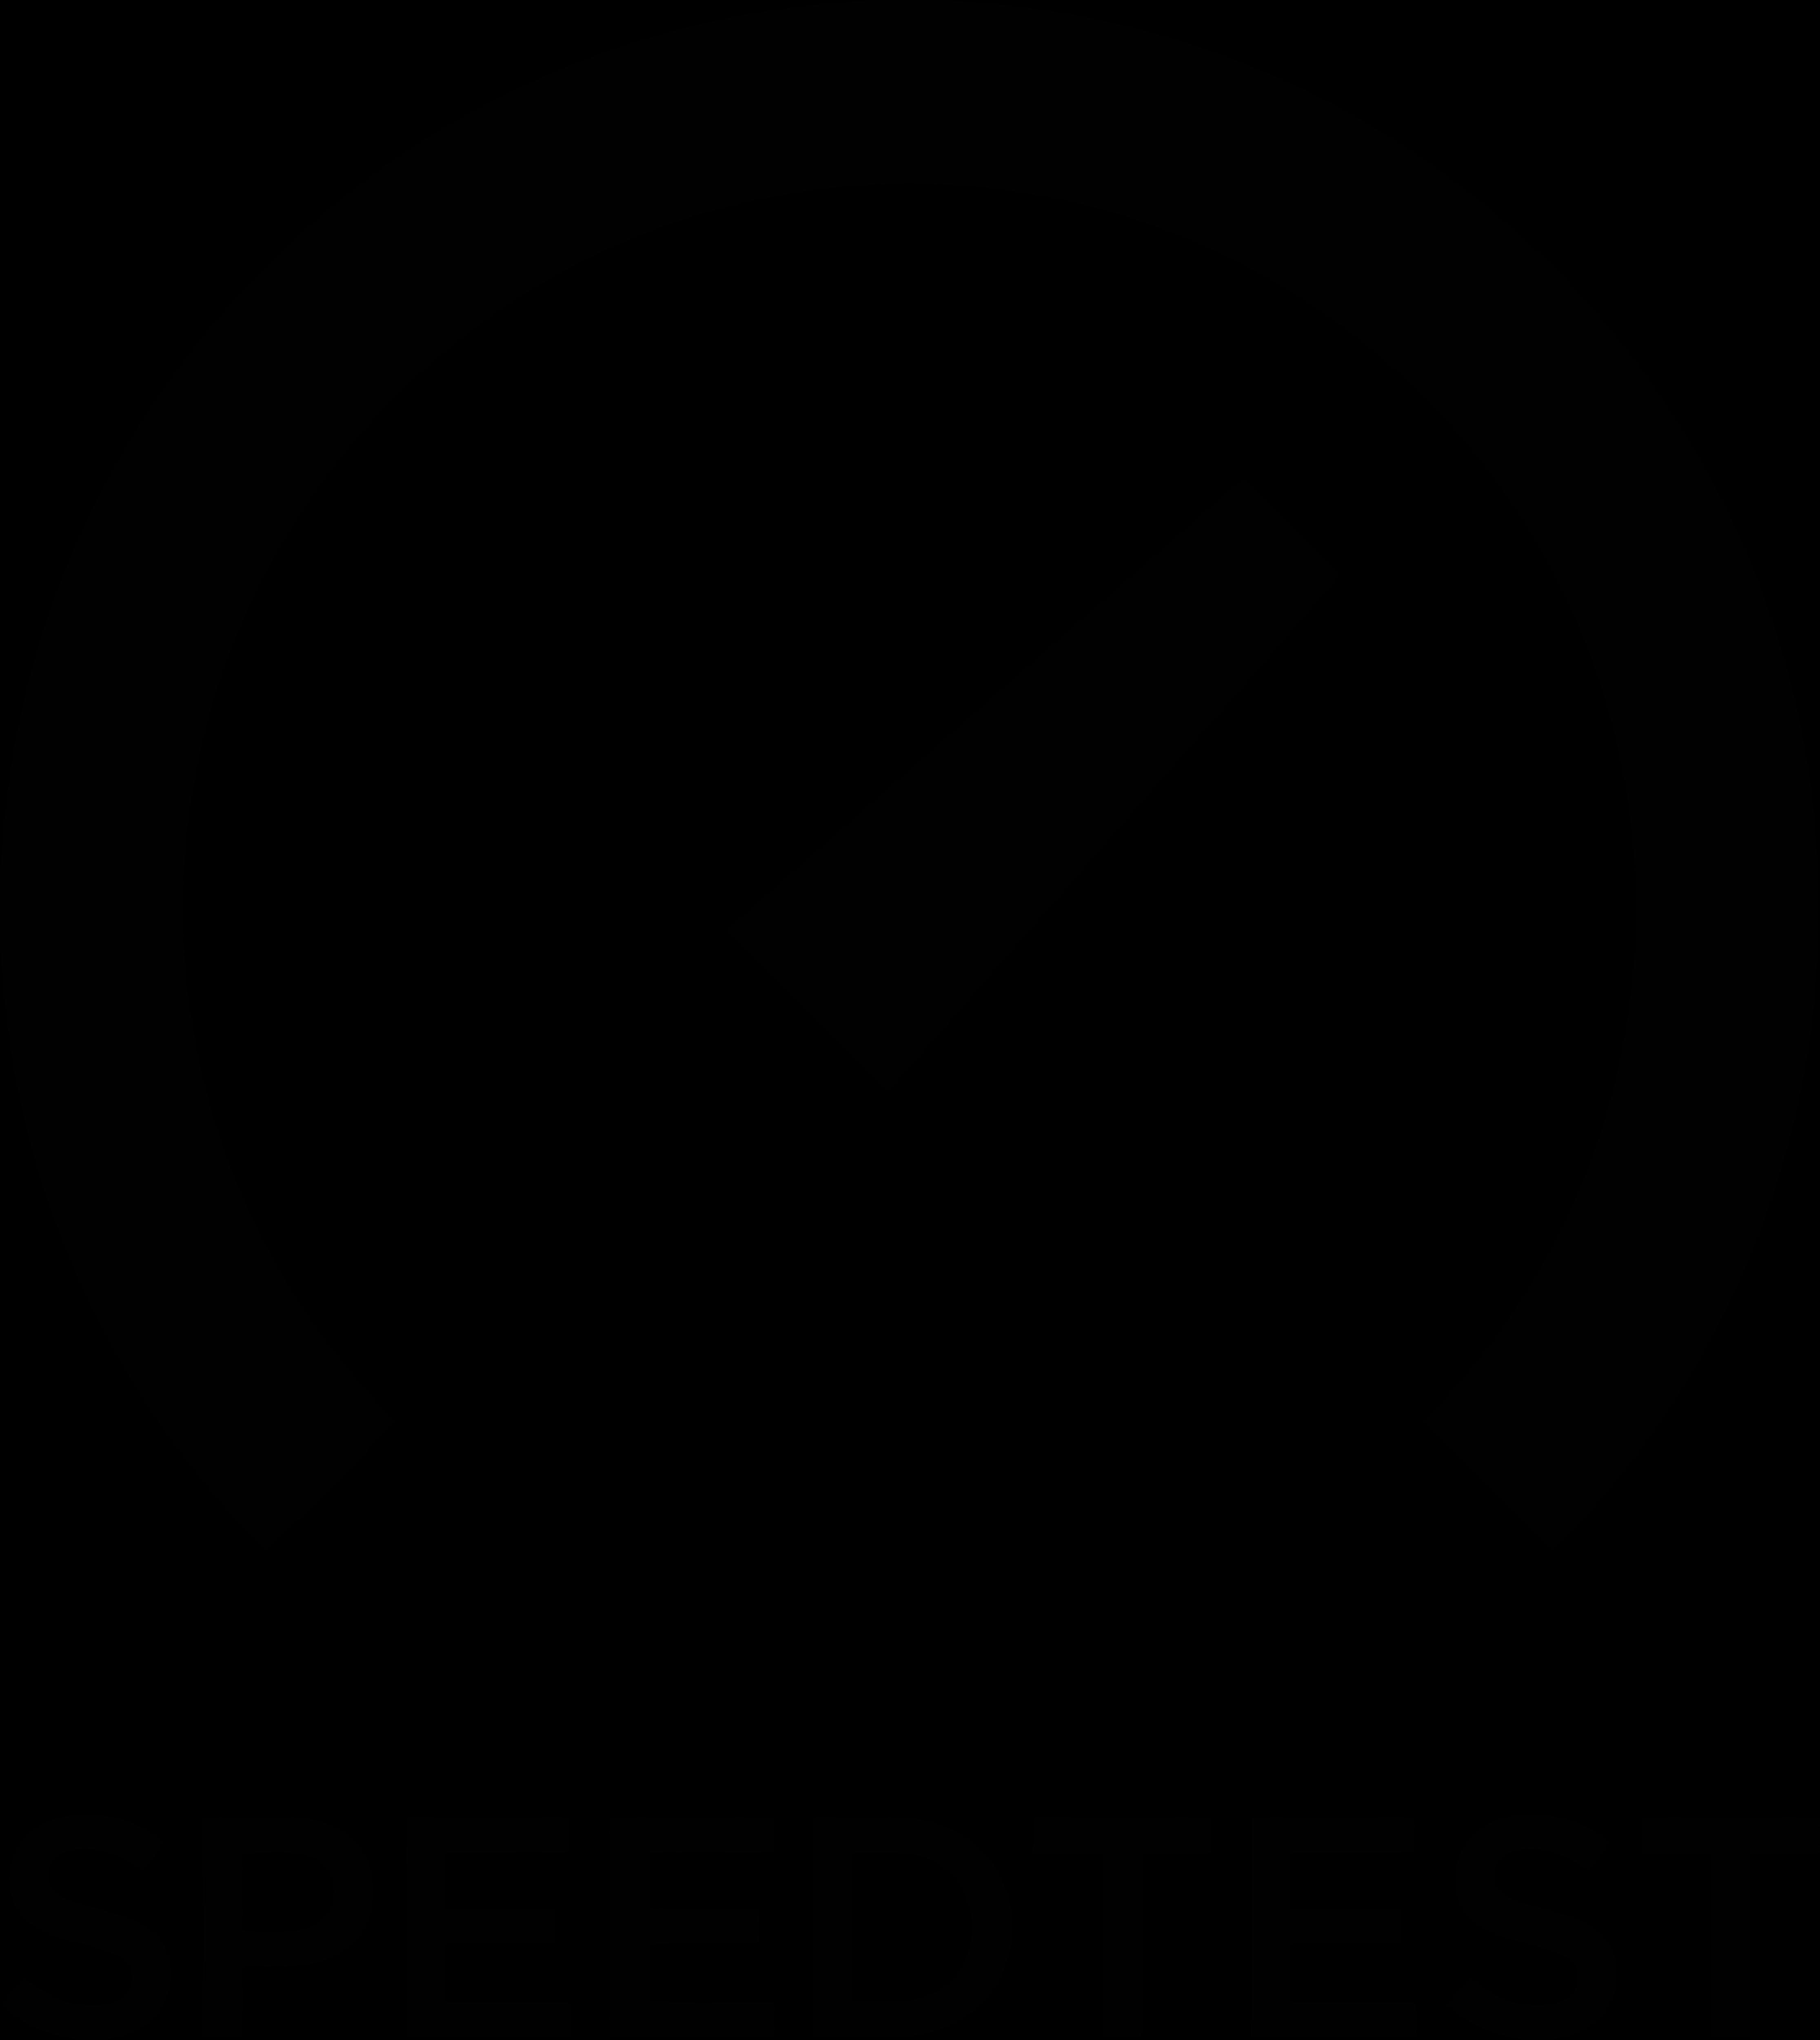 Speedtest Net Logos Download